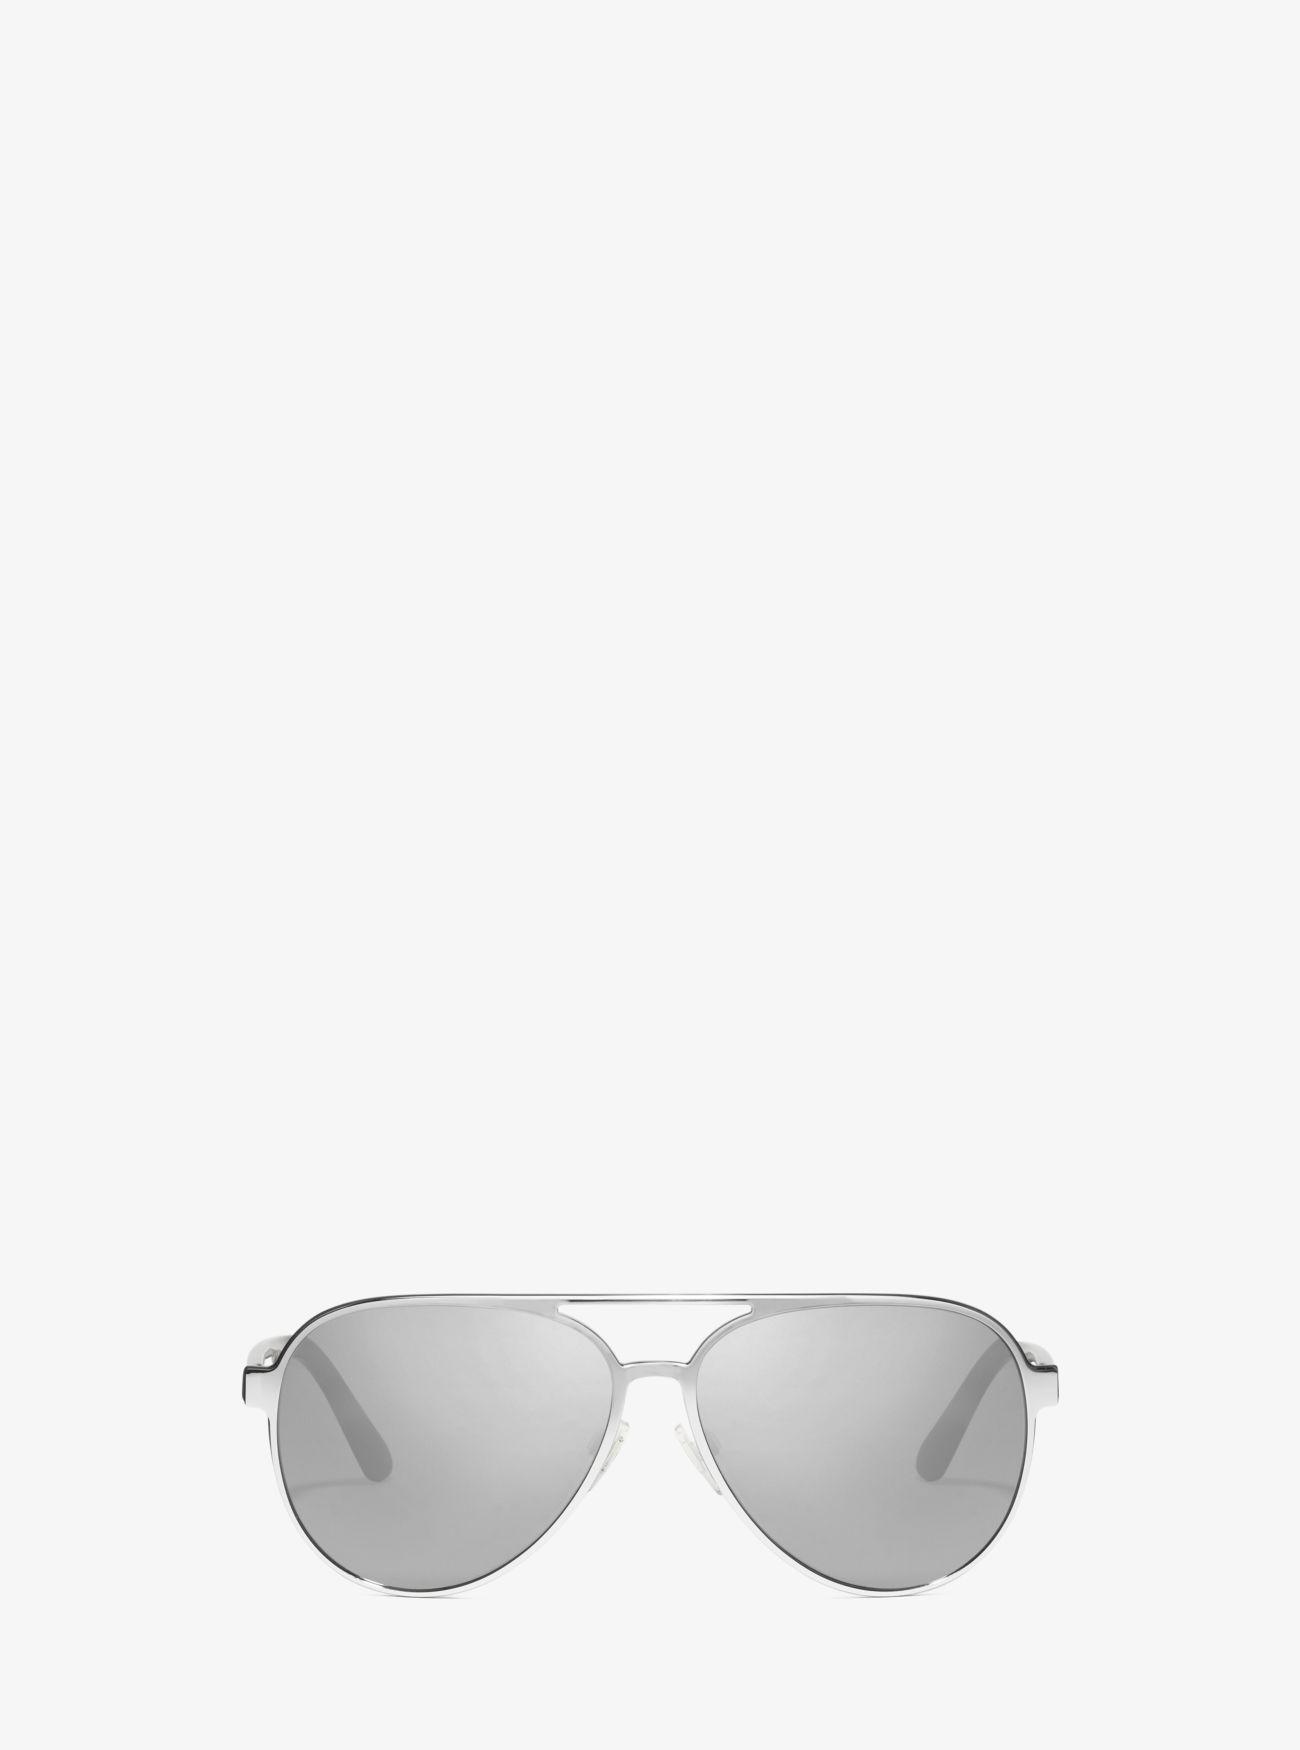 08be3564da61 Michael Kors Black Harper Sunglasses for men. View fullscreen